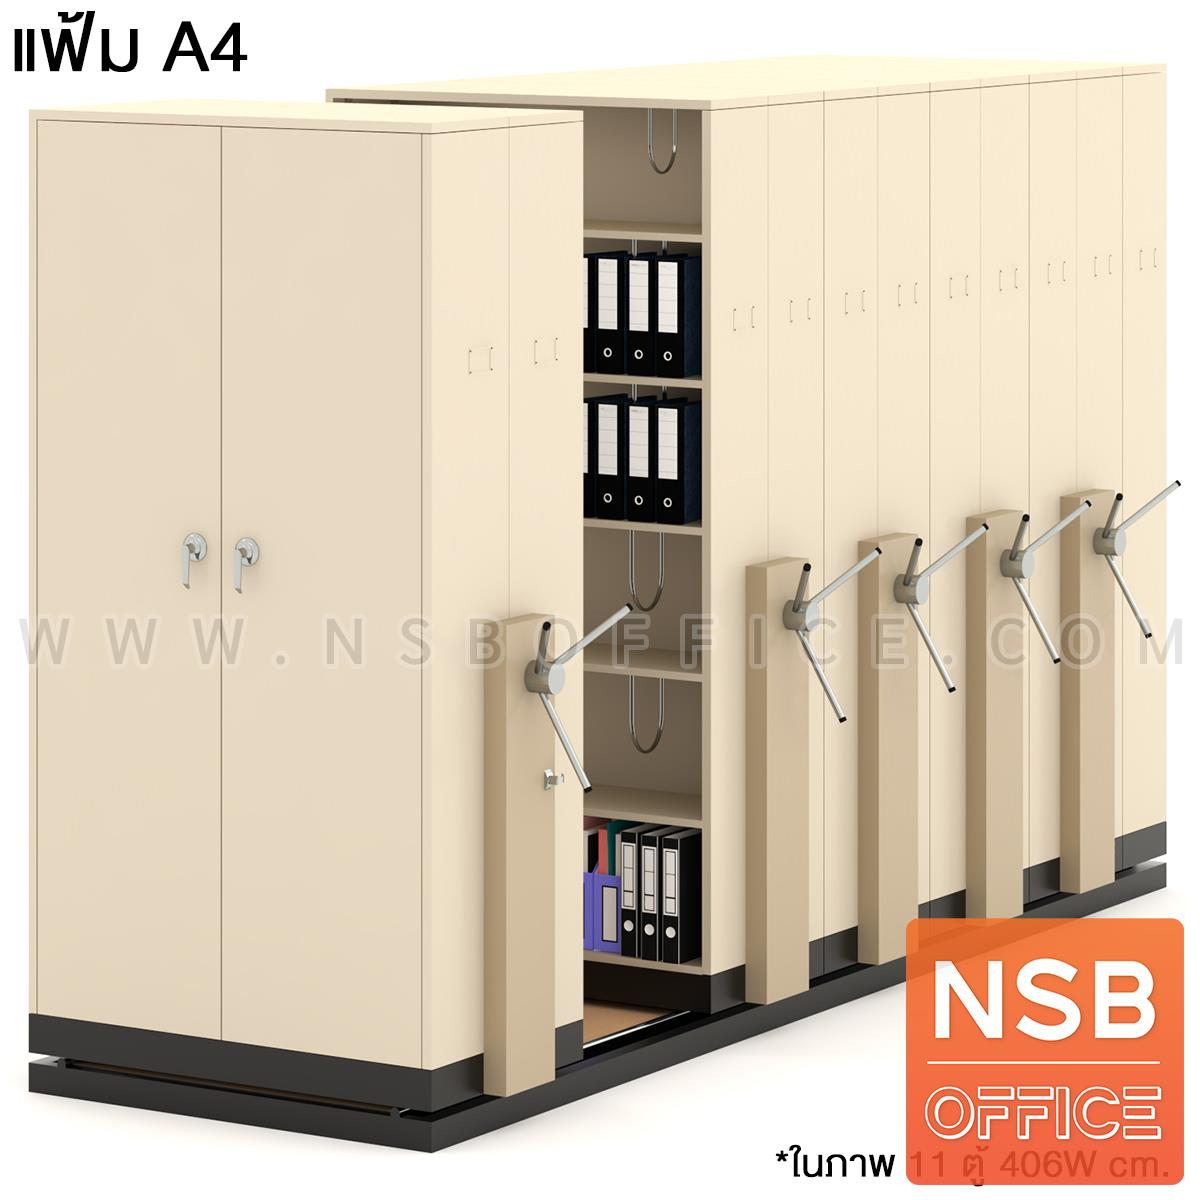 D02A024:ตู้รางเลื่อนแบบพวงมาลัย 1 ตอน  121.7D cm ขนาด 5 ,7 ,9 ,11 ,13 ,15 ตู้  สำหรับแฟ้ม A4